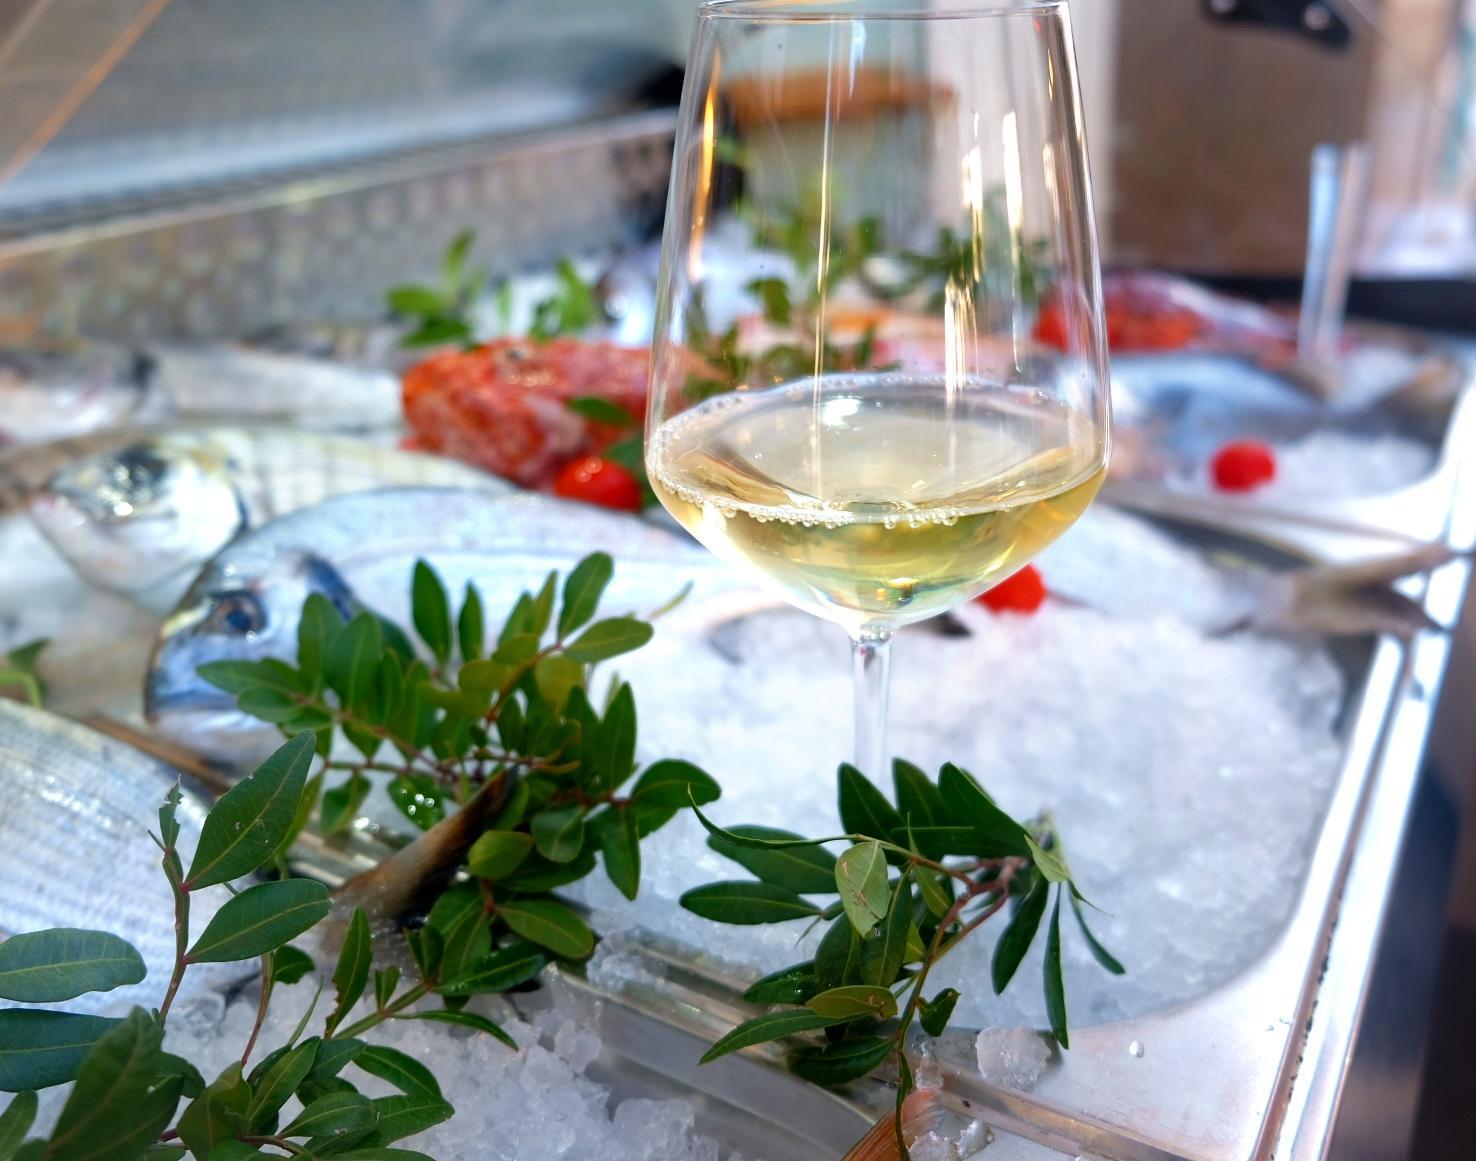 Вино Апулии - продолжаем знакомиться с кухней Апулии, южного региона Италии